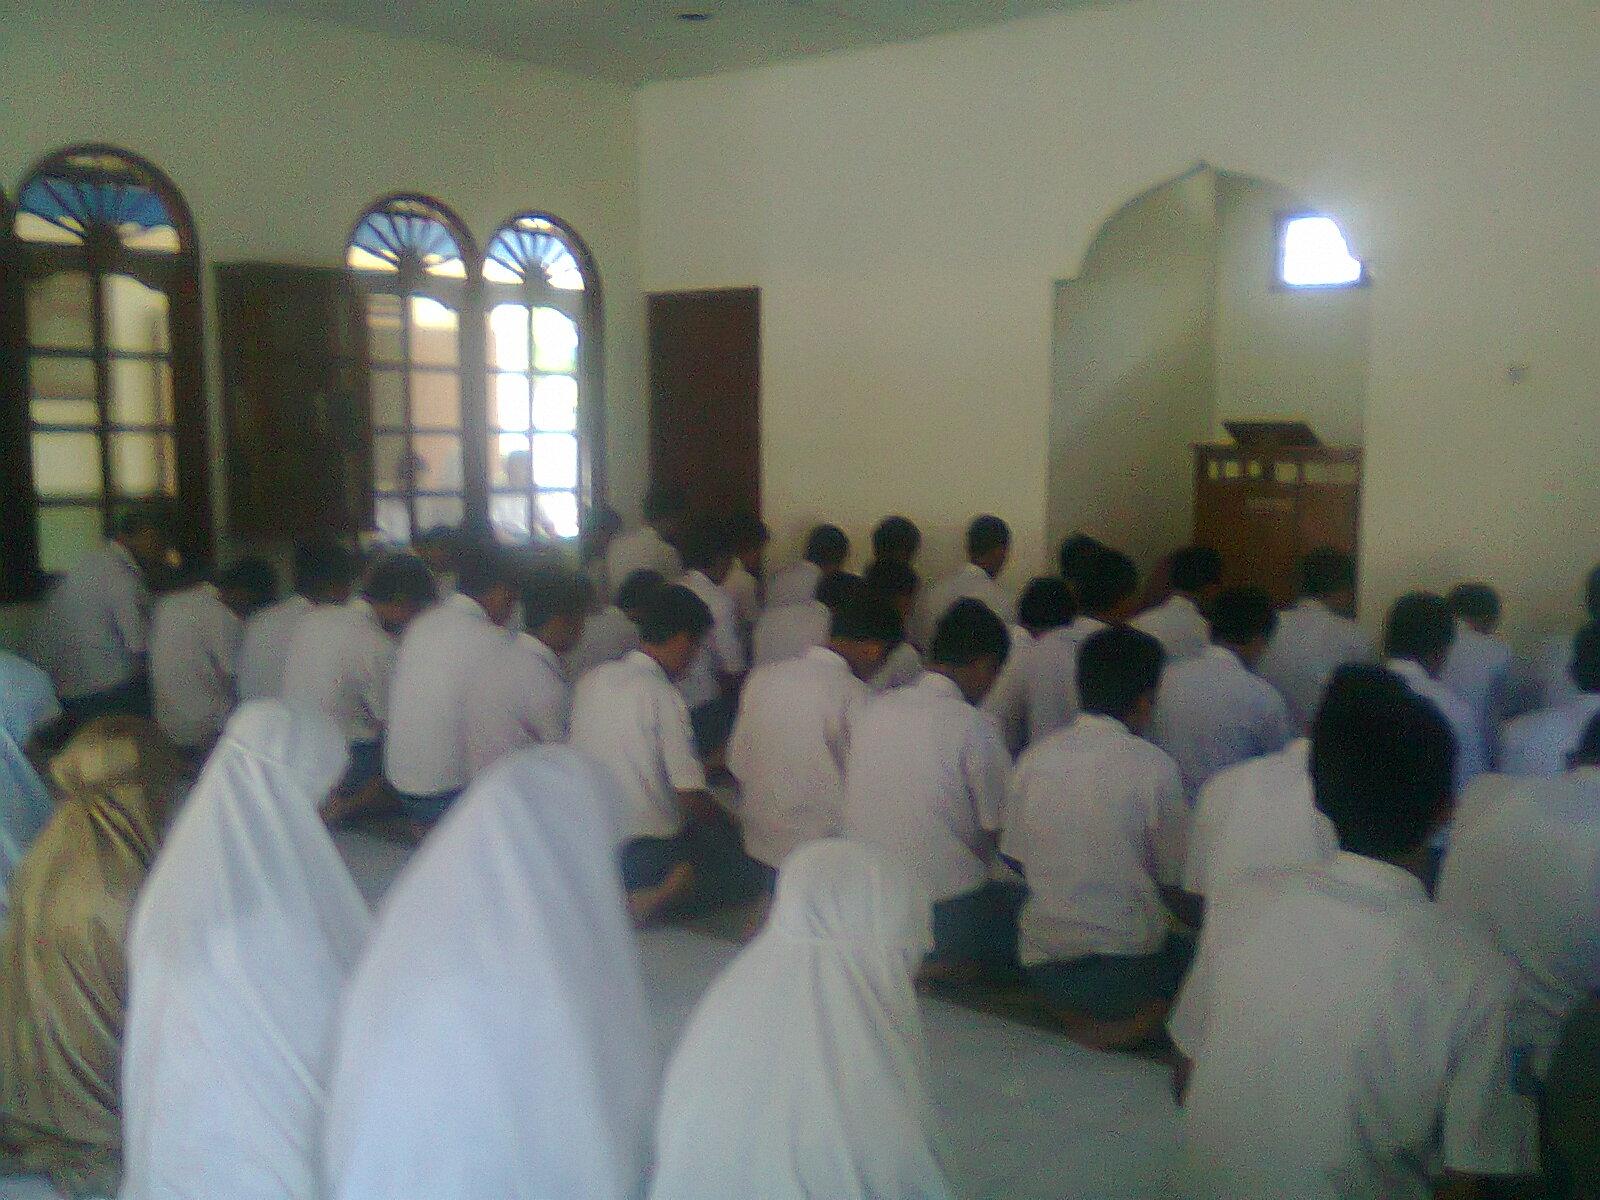 Artikel Tentang Pendidikan Di Mts Contoh Artikel Tentang Pendidikan Artikel Indonesia Kegiatan Bernuansa Keagamaan Di Bulan Ramadhan Pai Sman 1 Prambanan